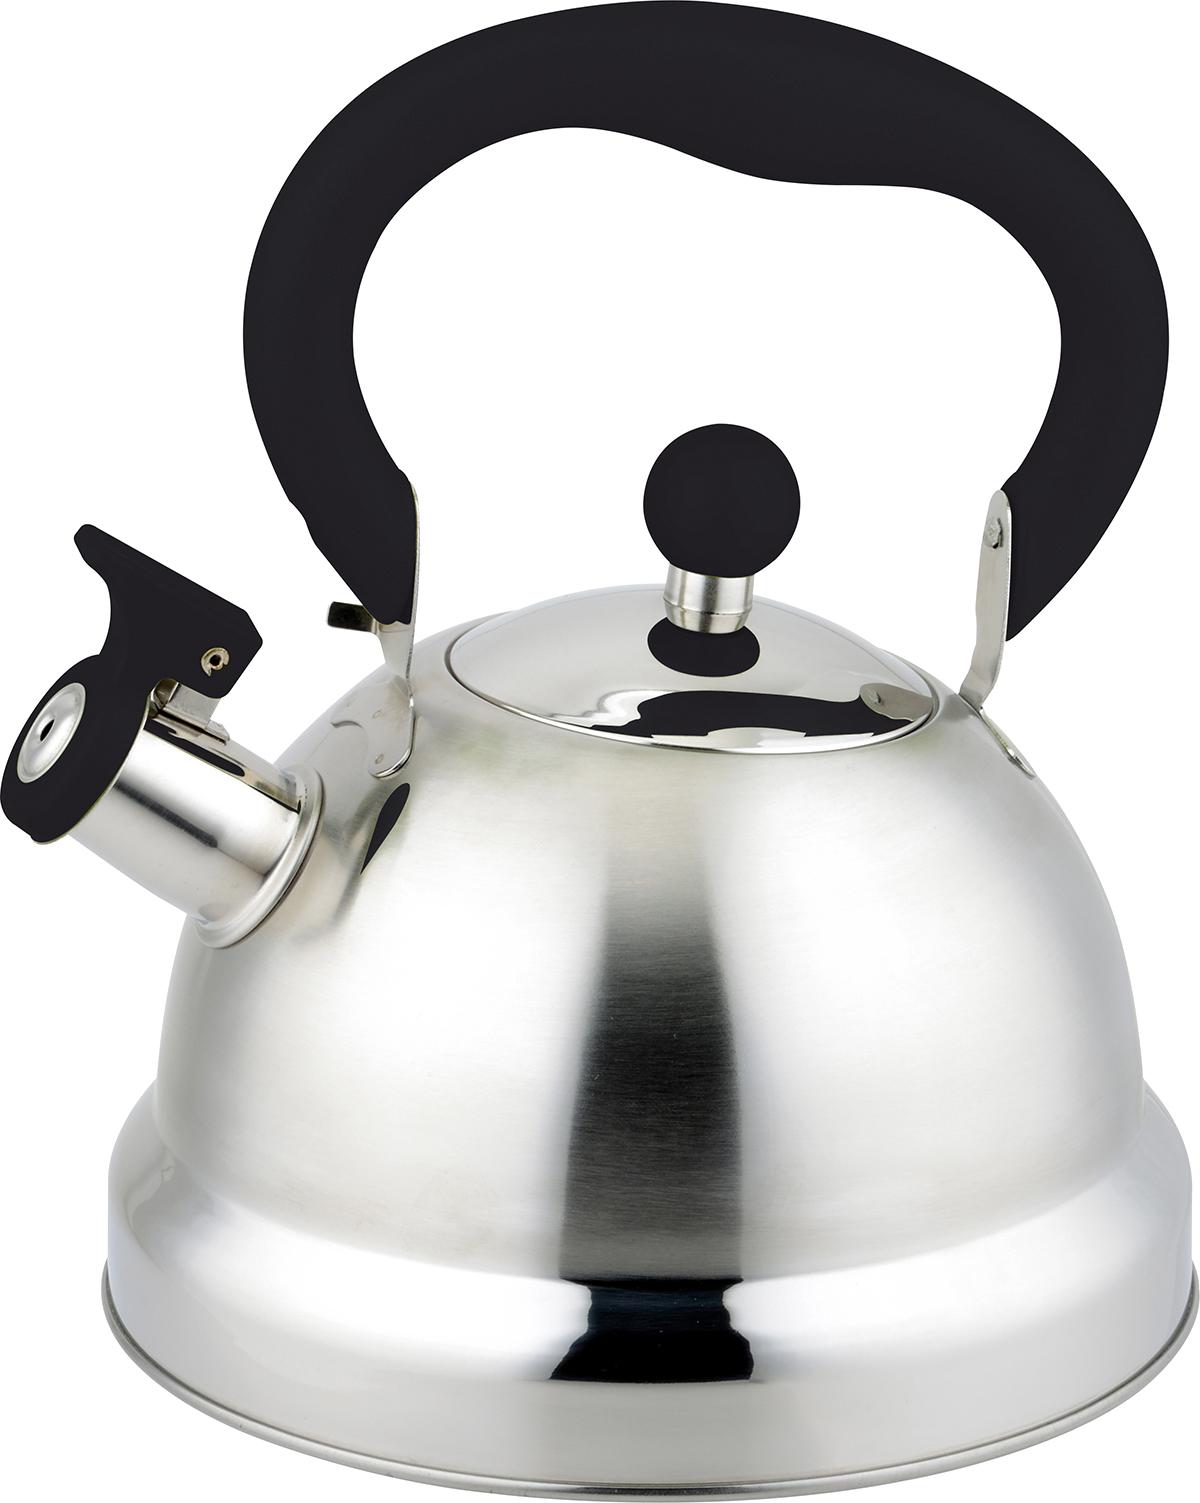 Чайник TimA, со свистком, 2 лК-1318Чайник TimA имеет современный внешний вид, удобный механизм открывания носика, эргономичную ручку из приятного на ощупь нескользящего материала. Корпус чайника выполнен из высококачественной нержавеющей стали AISI 304, покрывающая пластина капсулированного дна из стали AISI 430, что позволяет использовать чайник на индукционной плите.